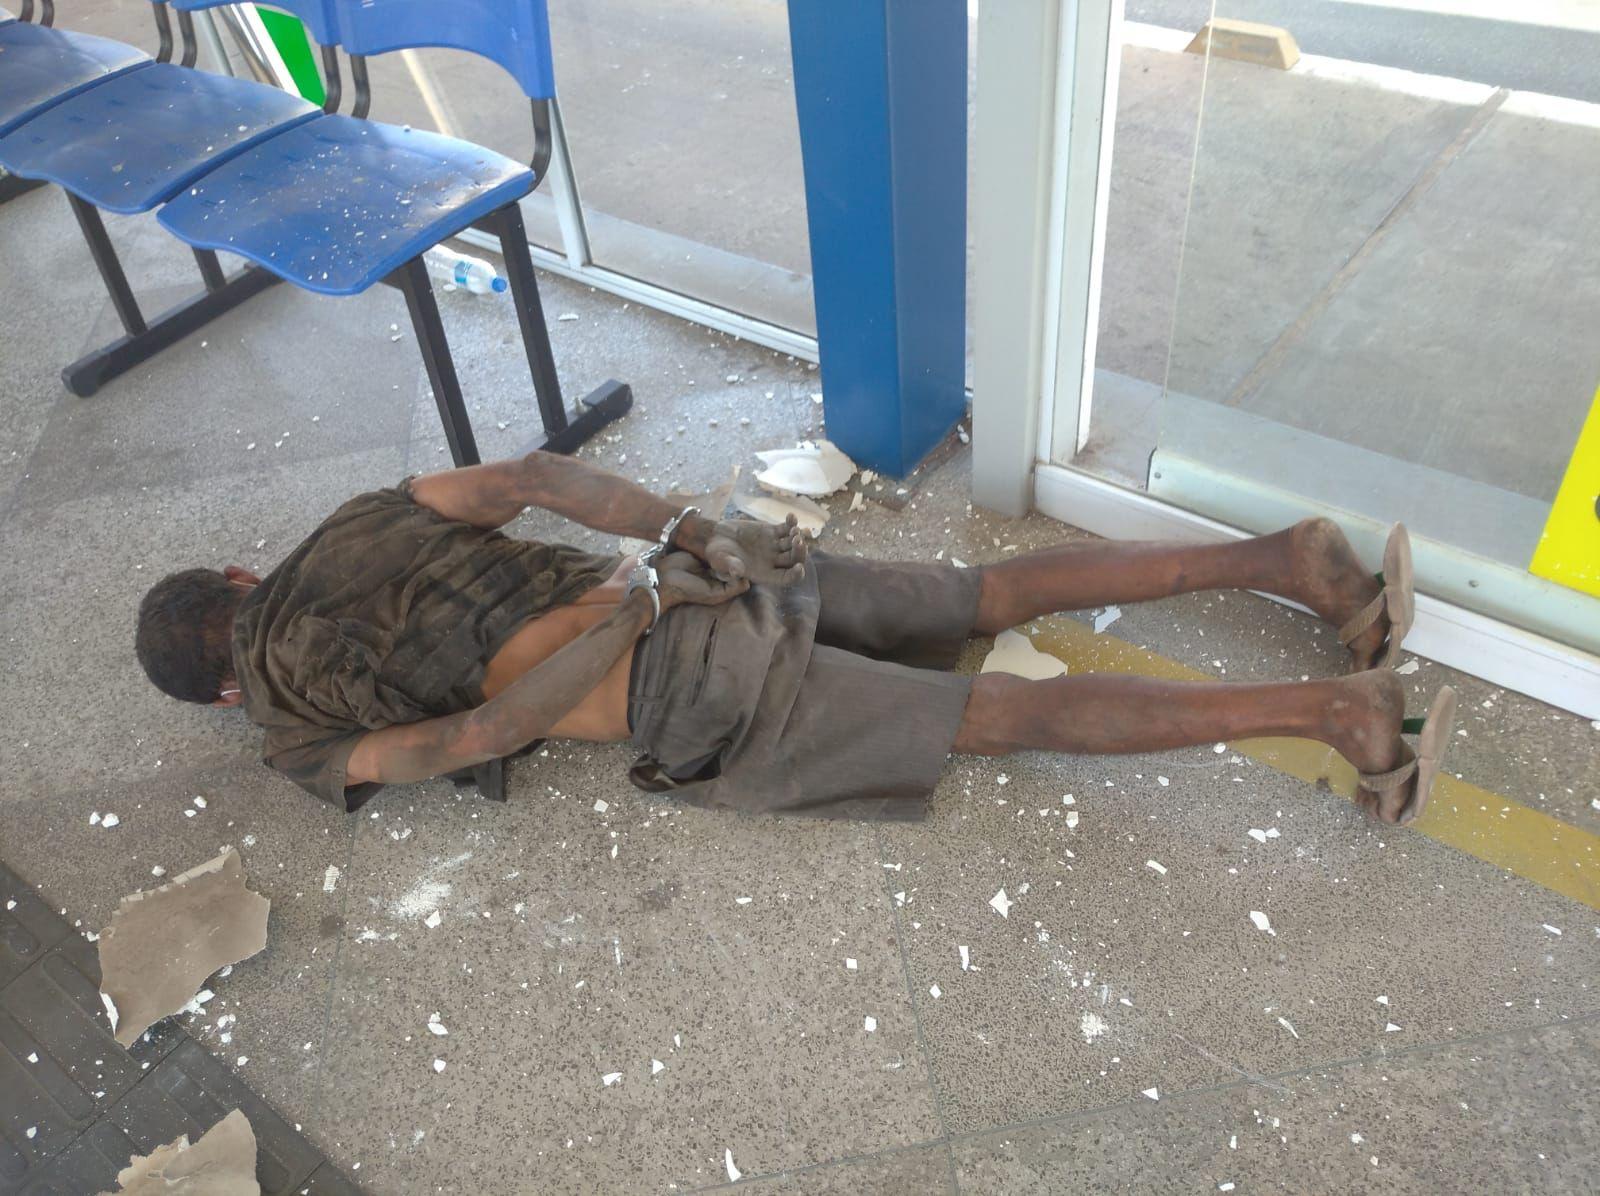 Homem é preso em flagrante tentando furtar ar-condicionado em Teresina| Foto: GCM